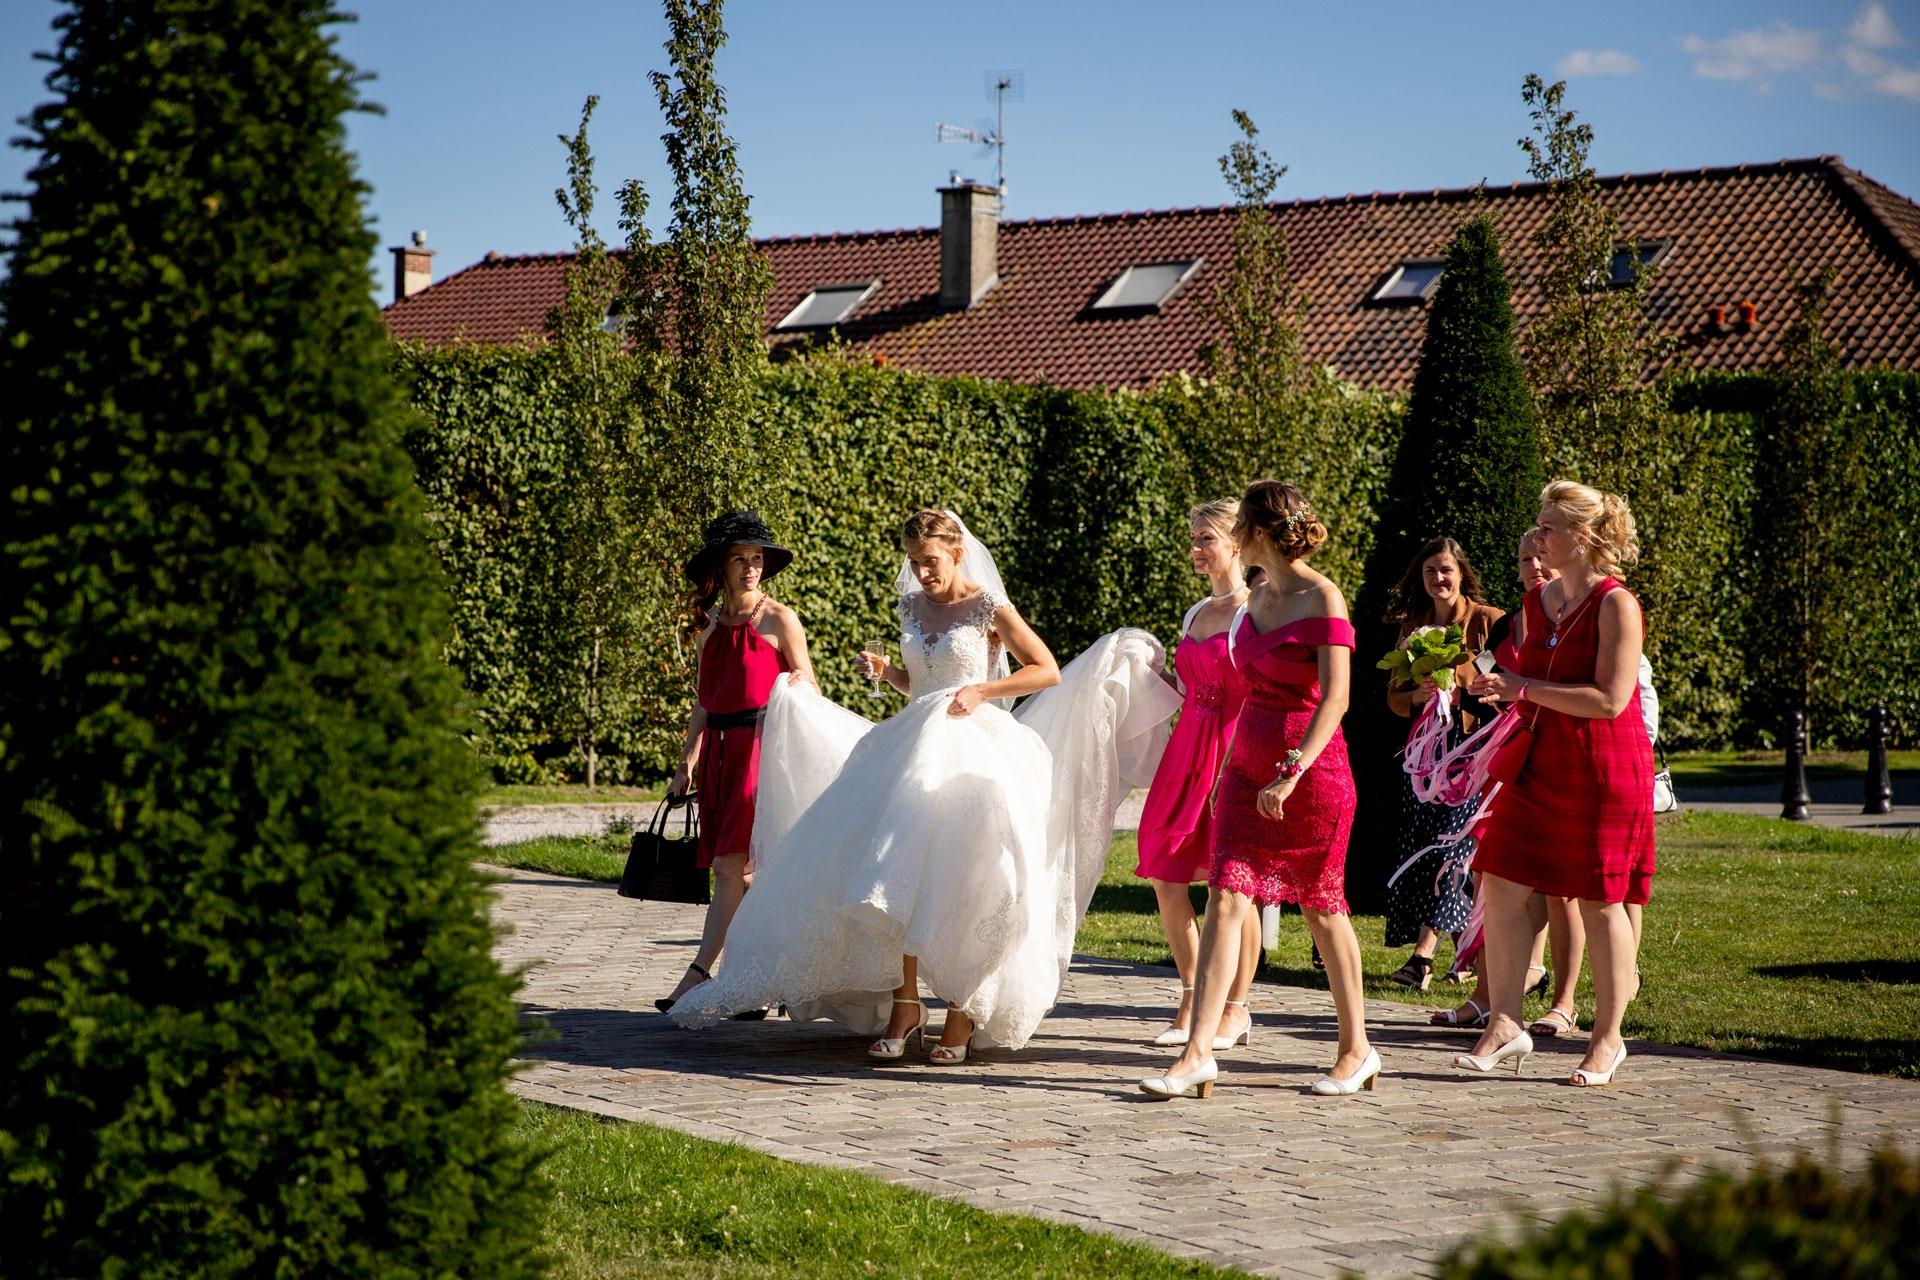 20200711-mariage-stephanie-emmanuel-086